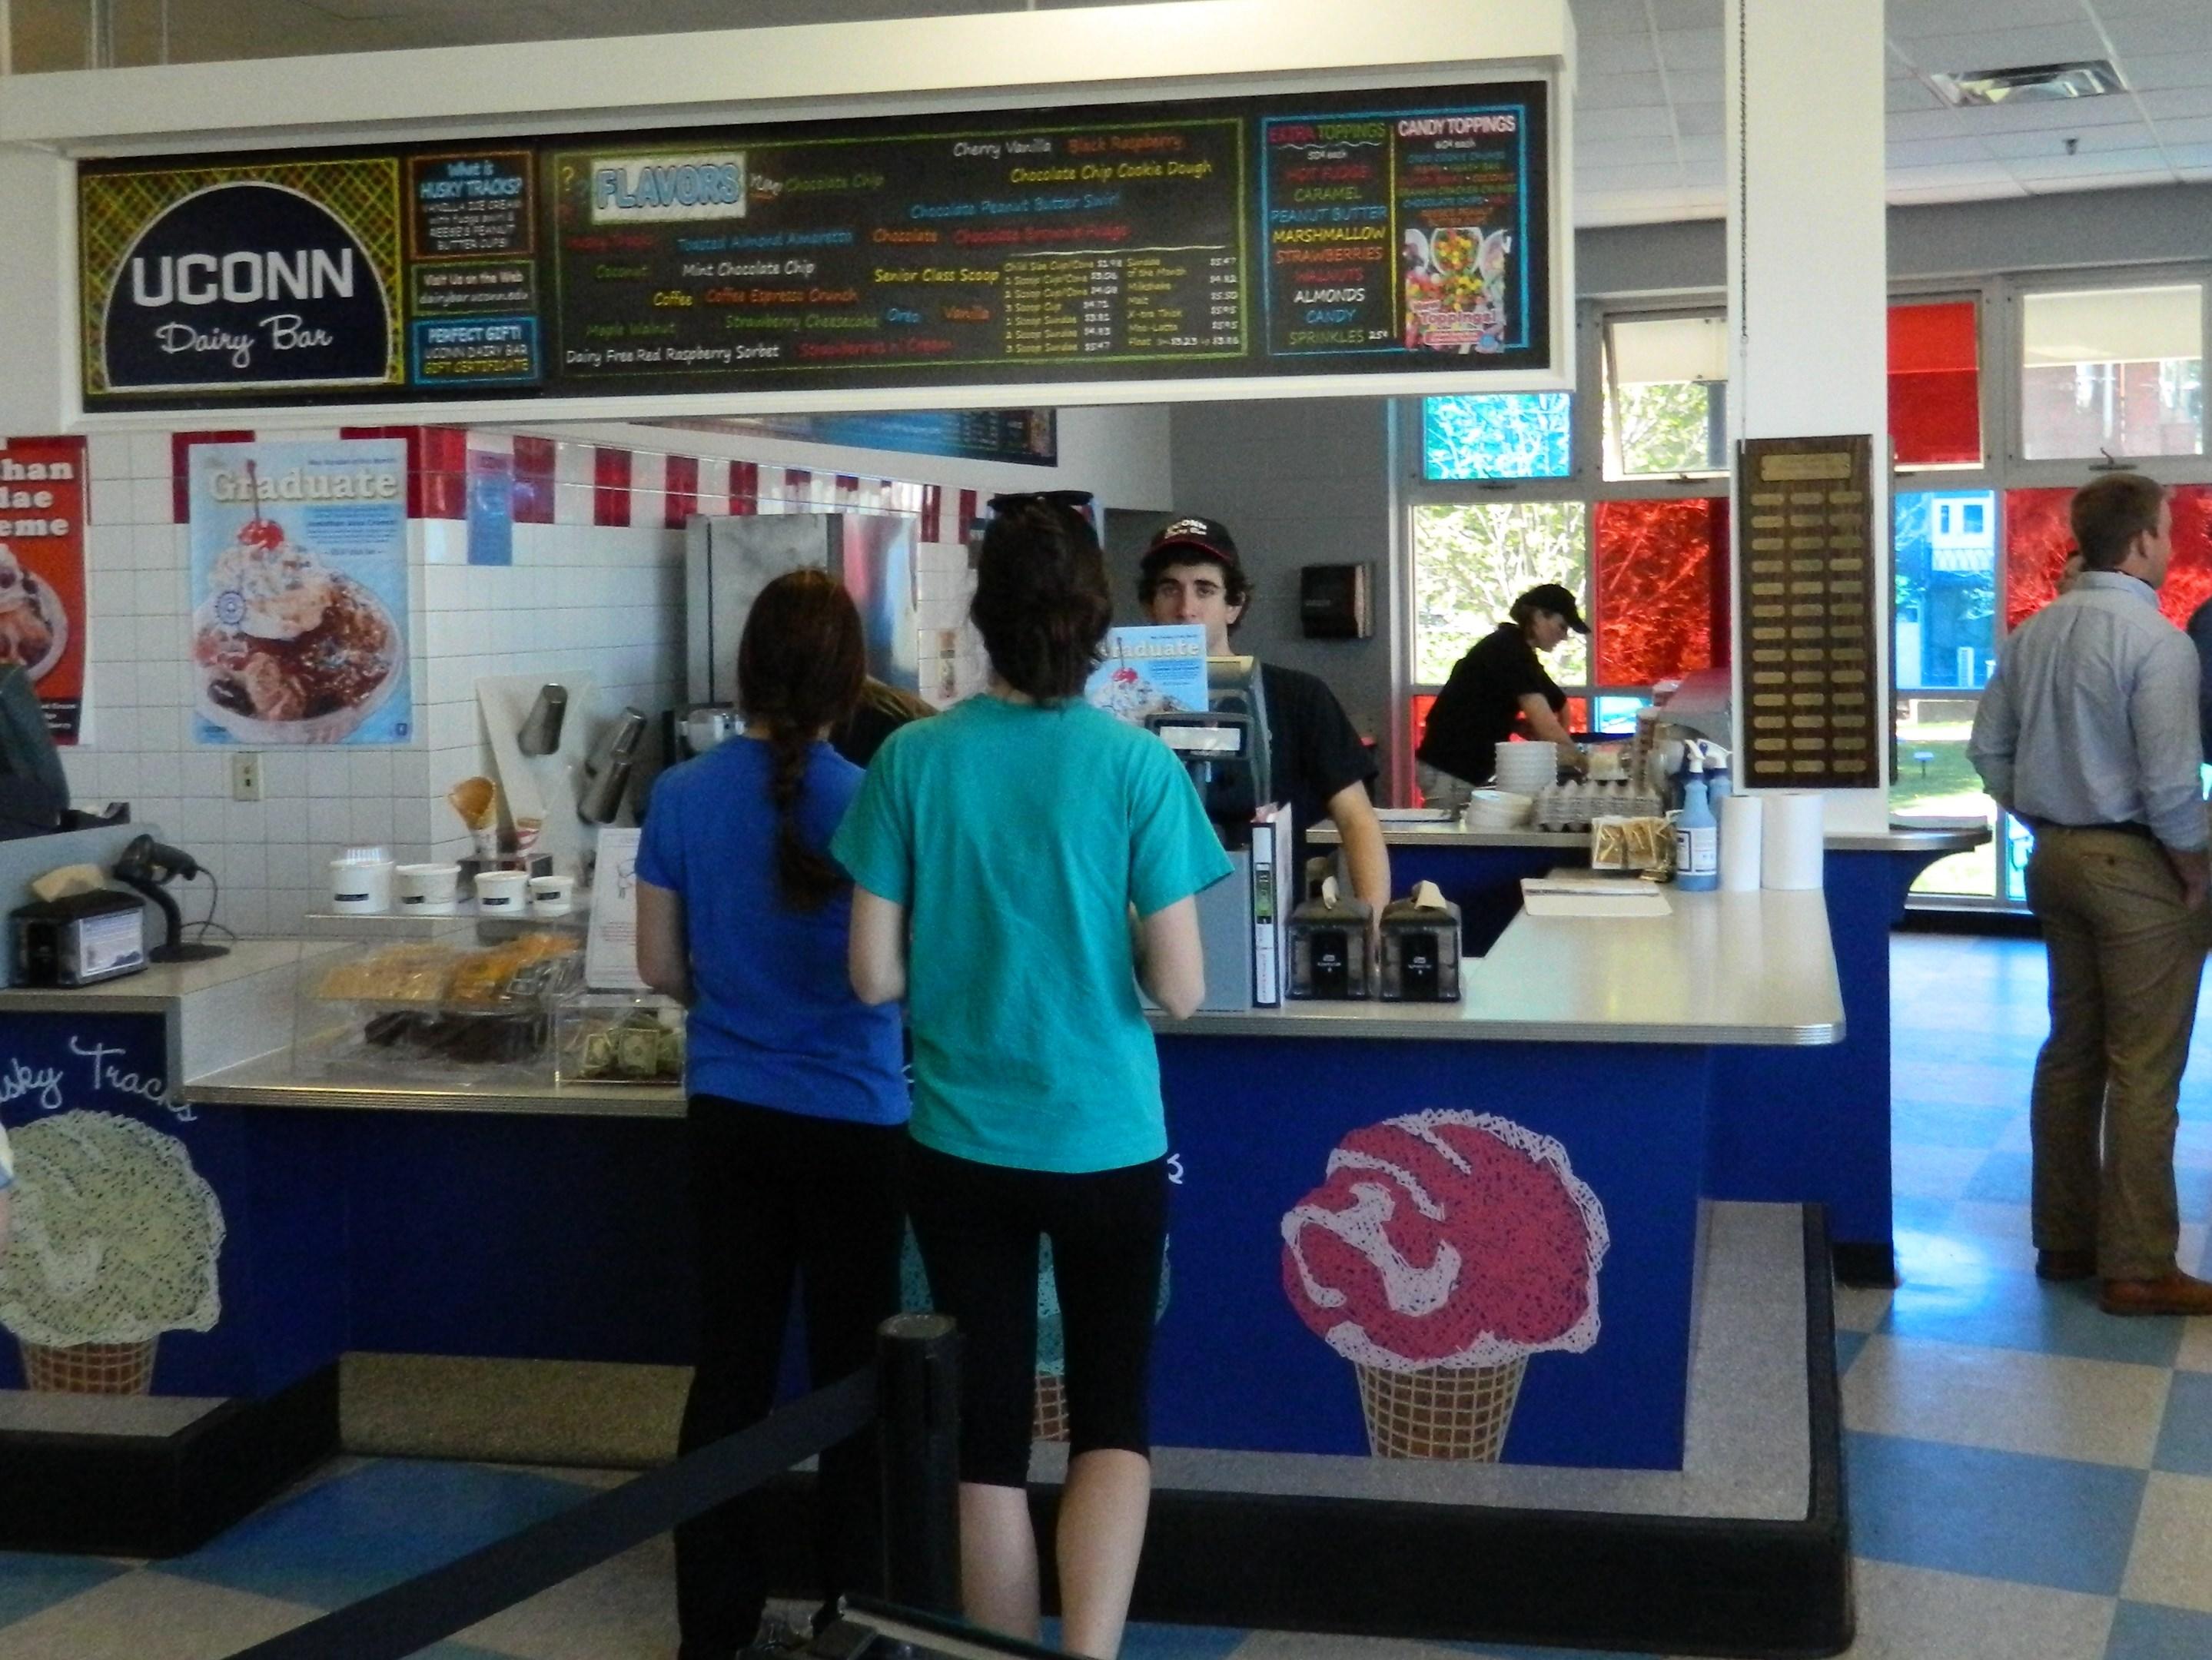 Destination Uconn Dairy Bar Storrs Connecticut